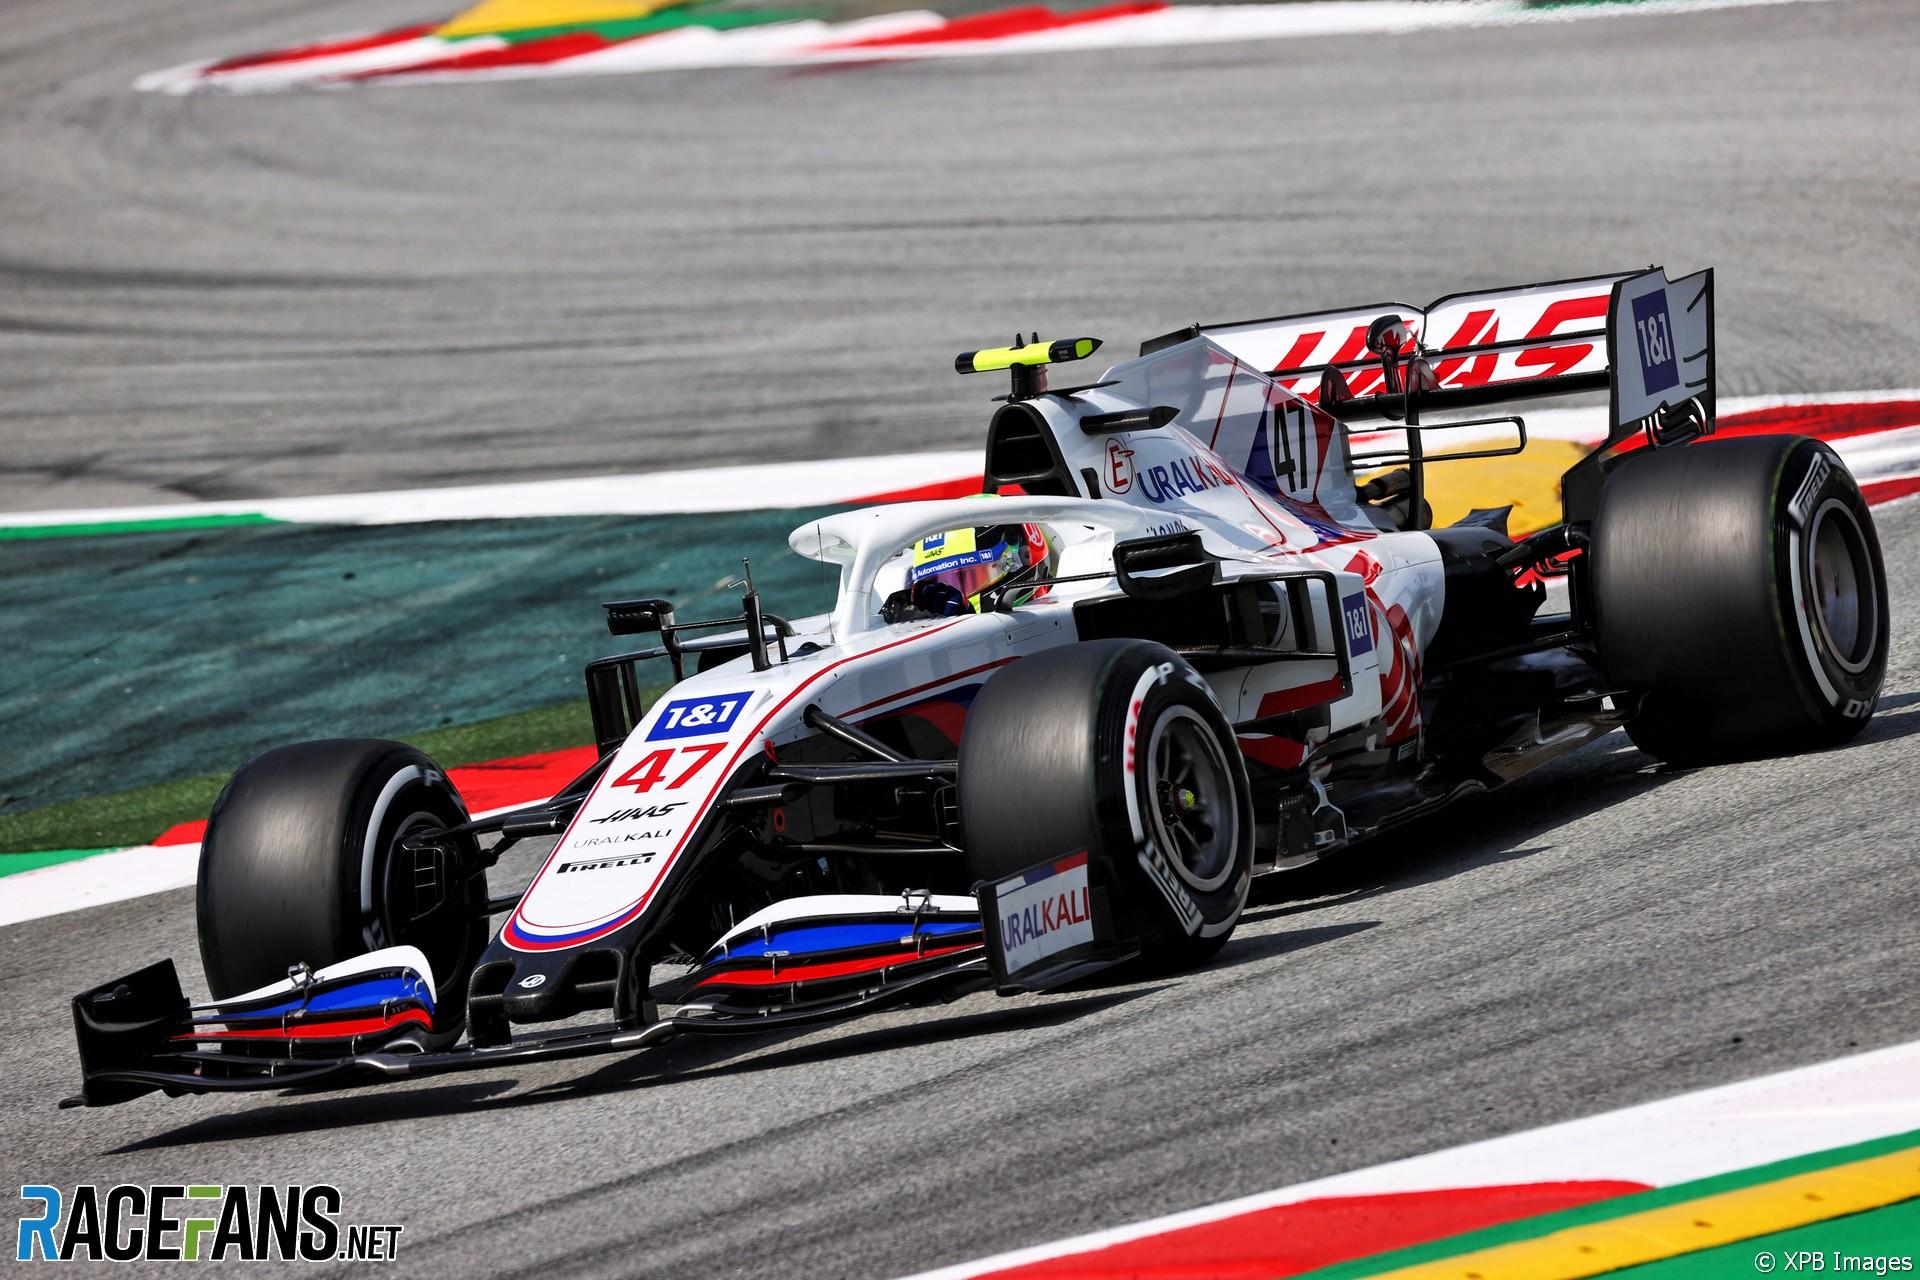 Mick Schumacher, Haas, Circuit de Catalunya, 2021